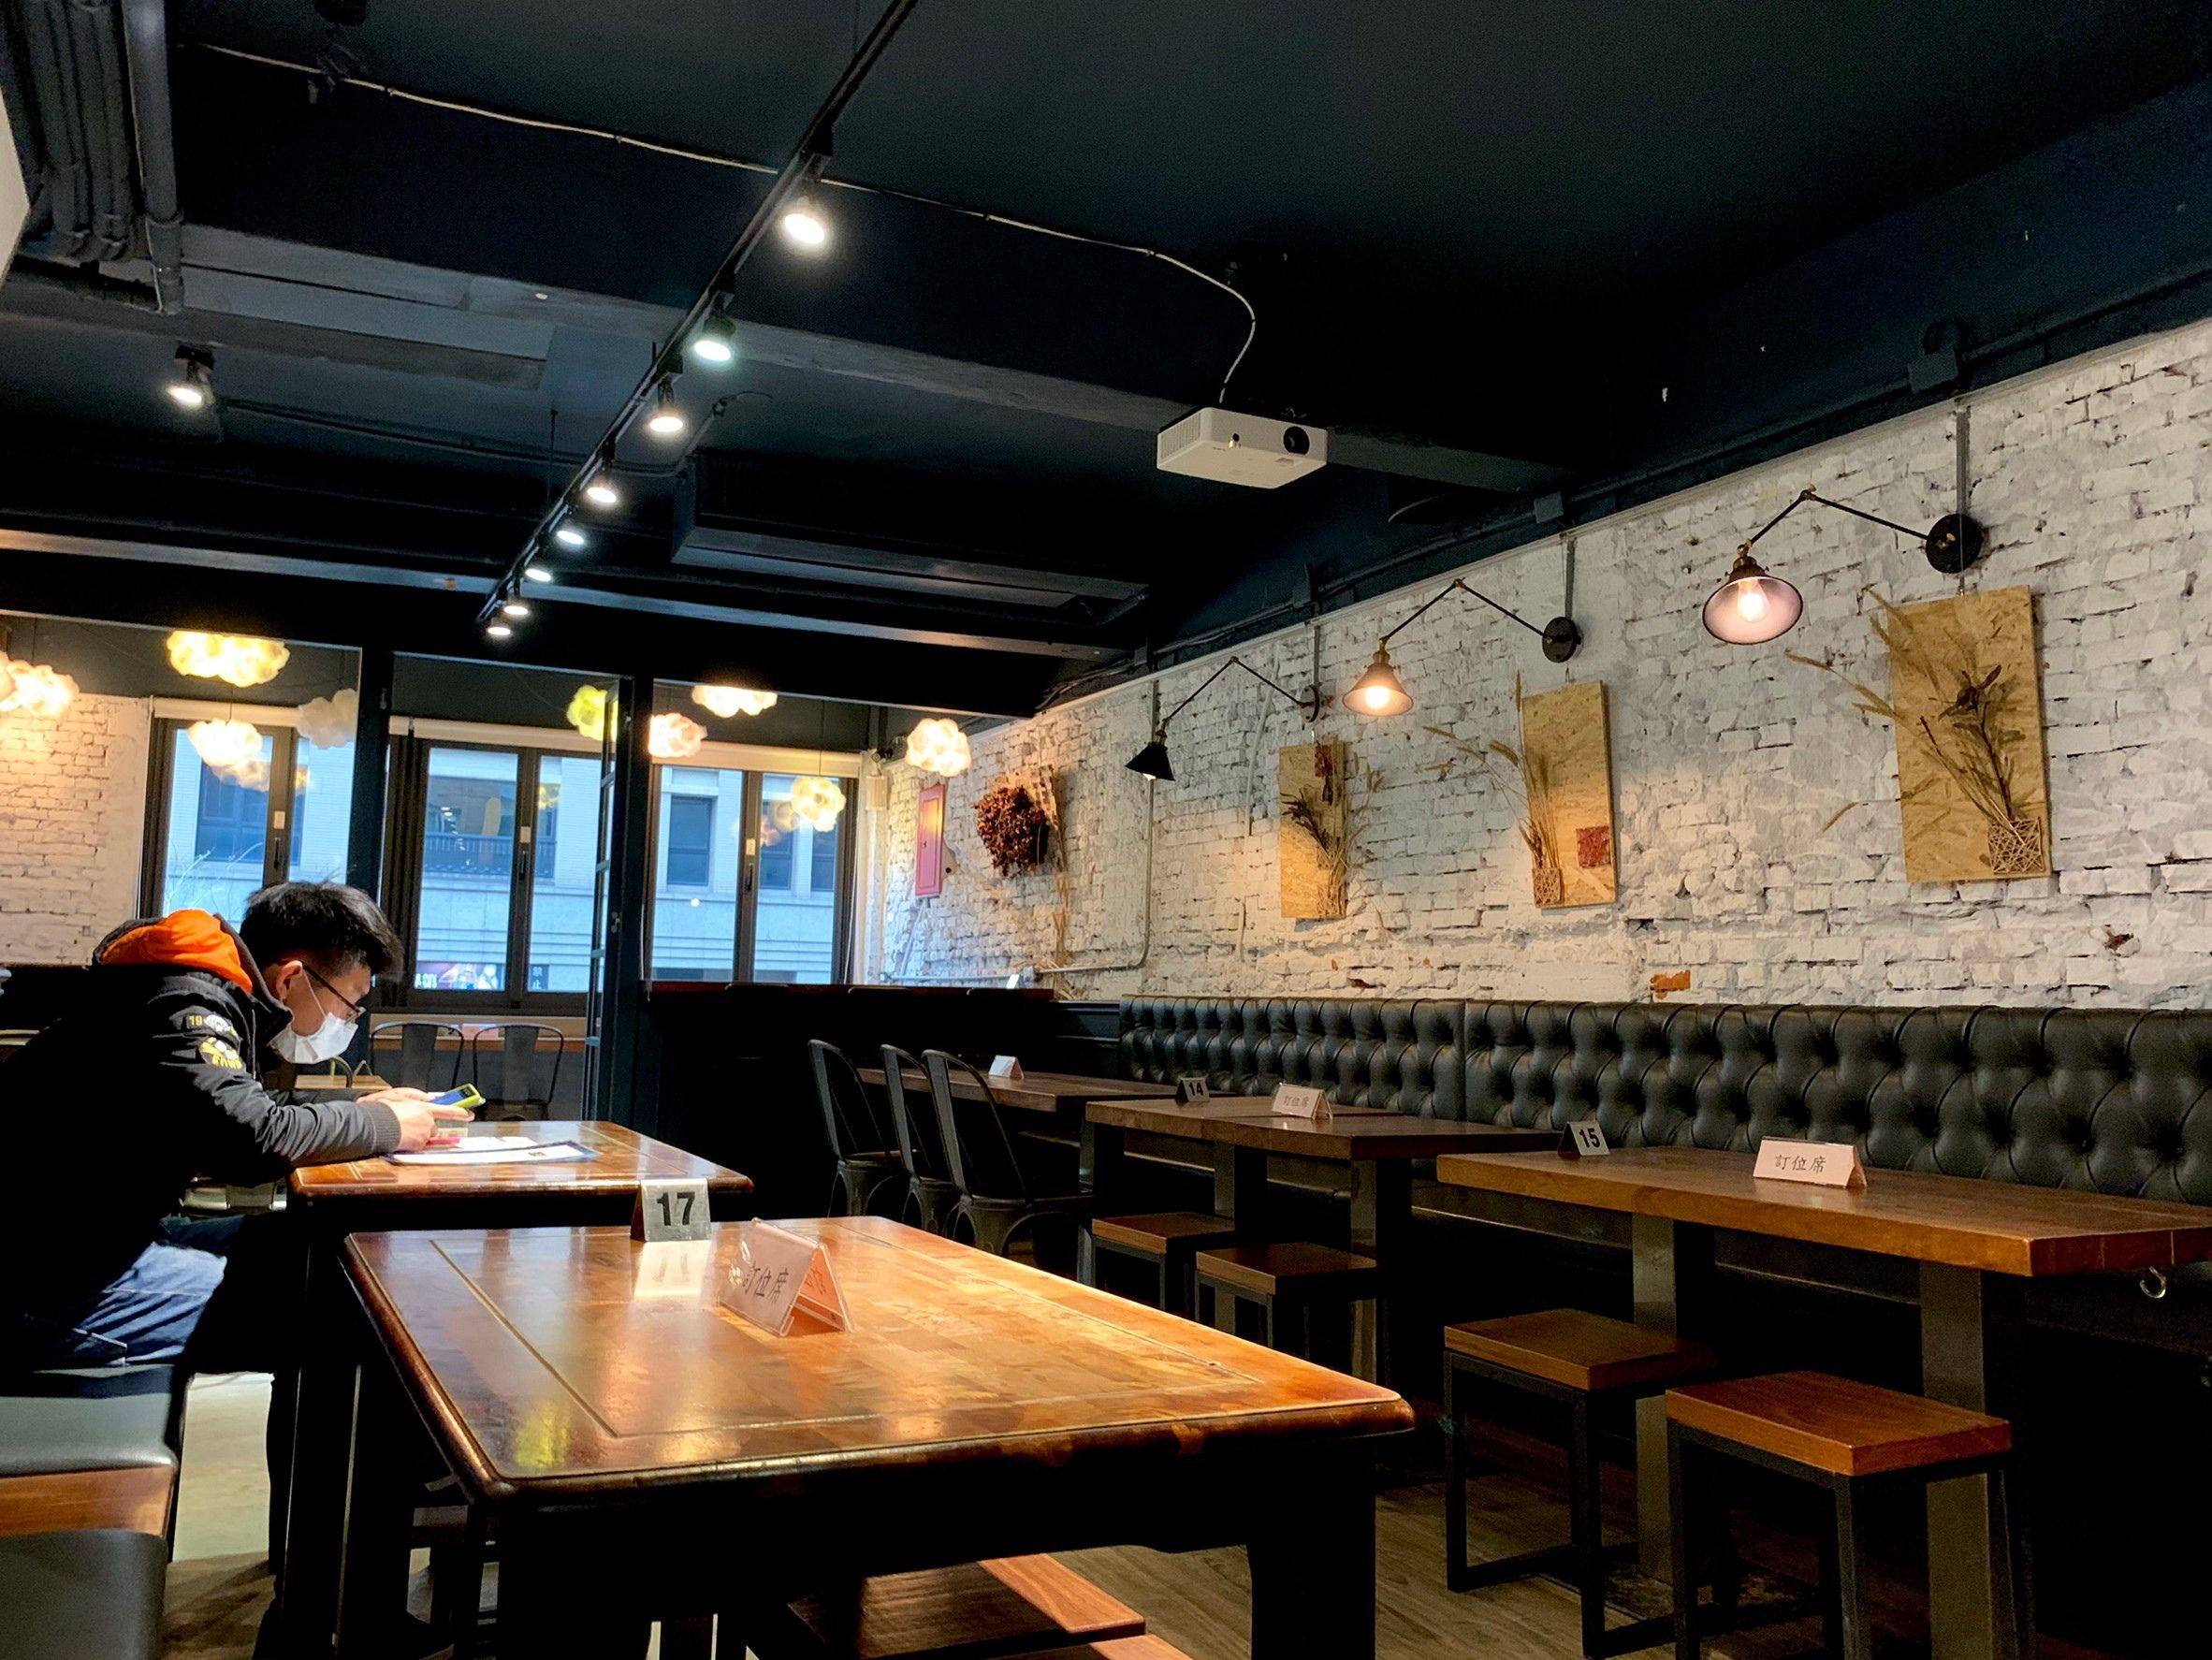 【新北板橋】G+9 鮮釀餐廳 三民店│下班小酌聊天就來這【不僅只是餐酒館,自有完整系統生產的專業酒廠】20種以上精釀啤酒、下酒菜等,包場聚會好所在!